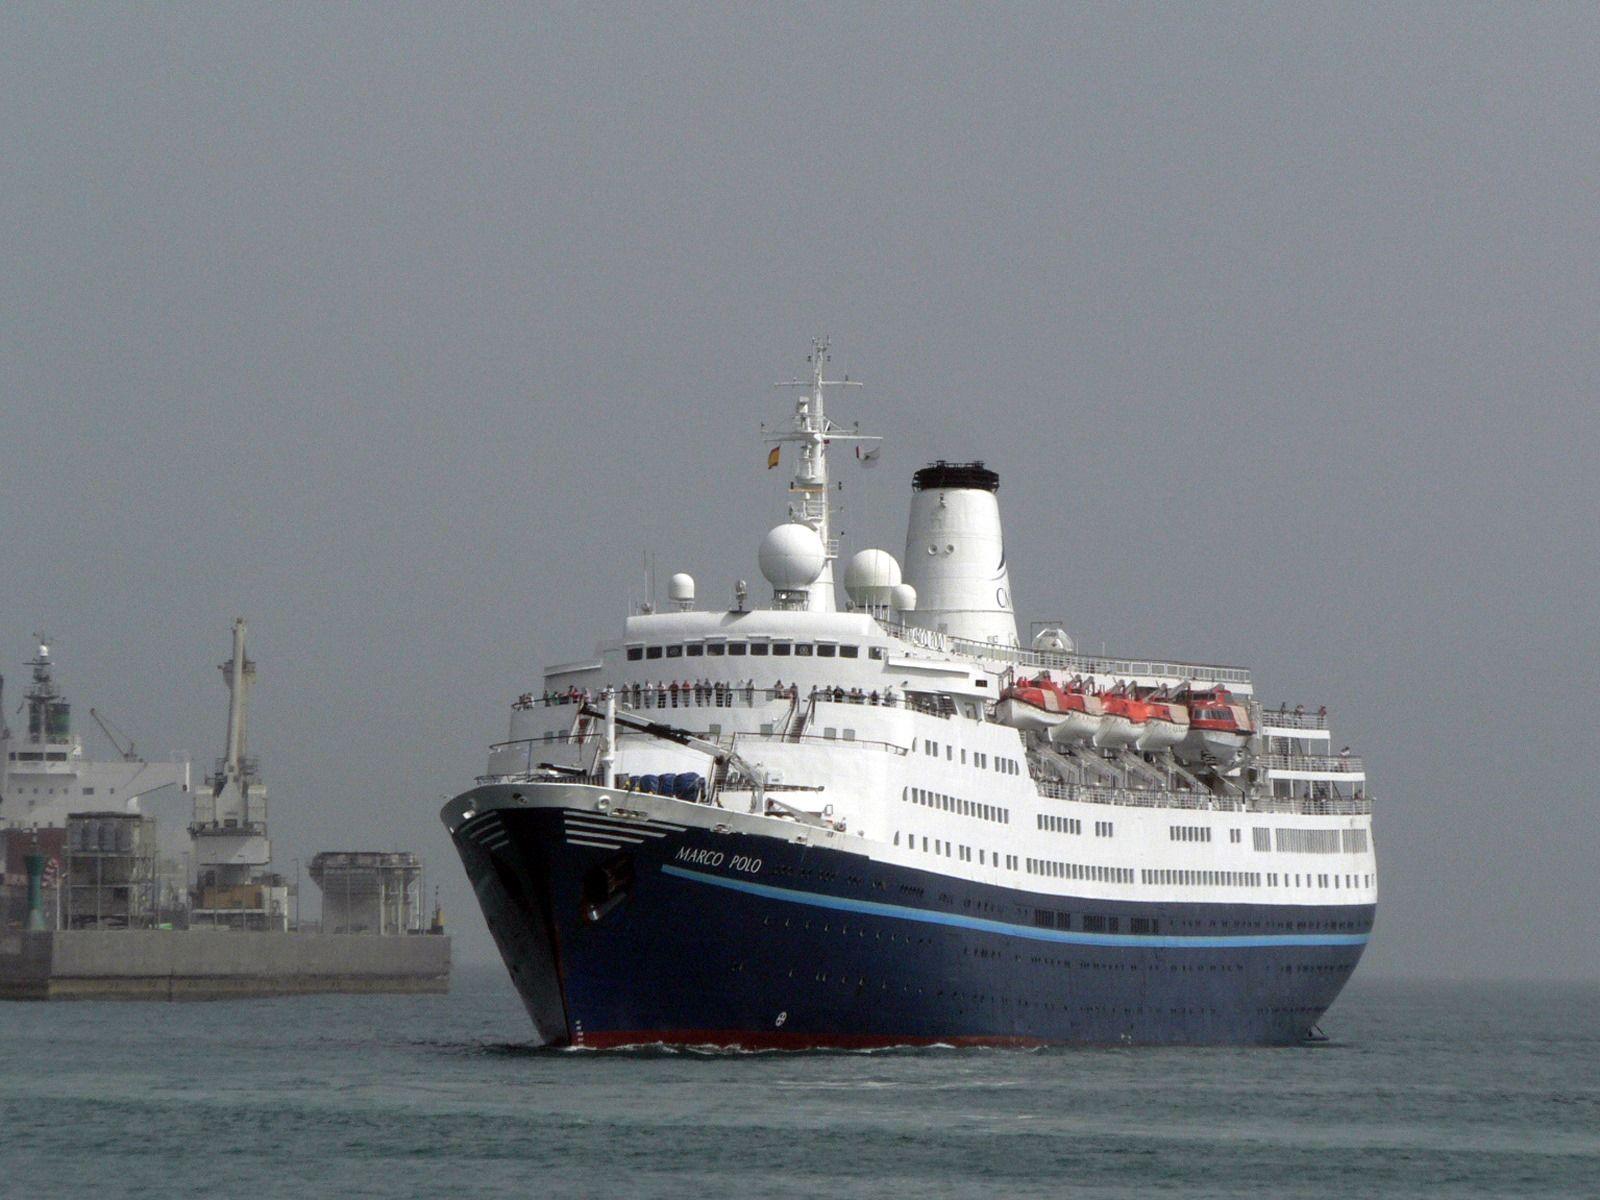 """El buque """"Marco Polo"""", en una de sus escalas en el puerto de Santa Cruz de Tenerife"""